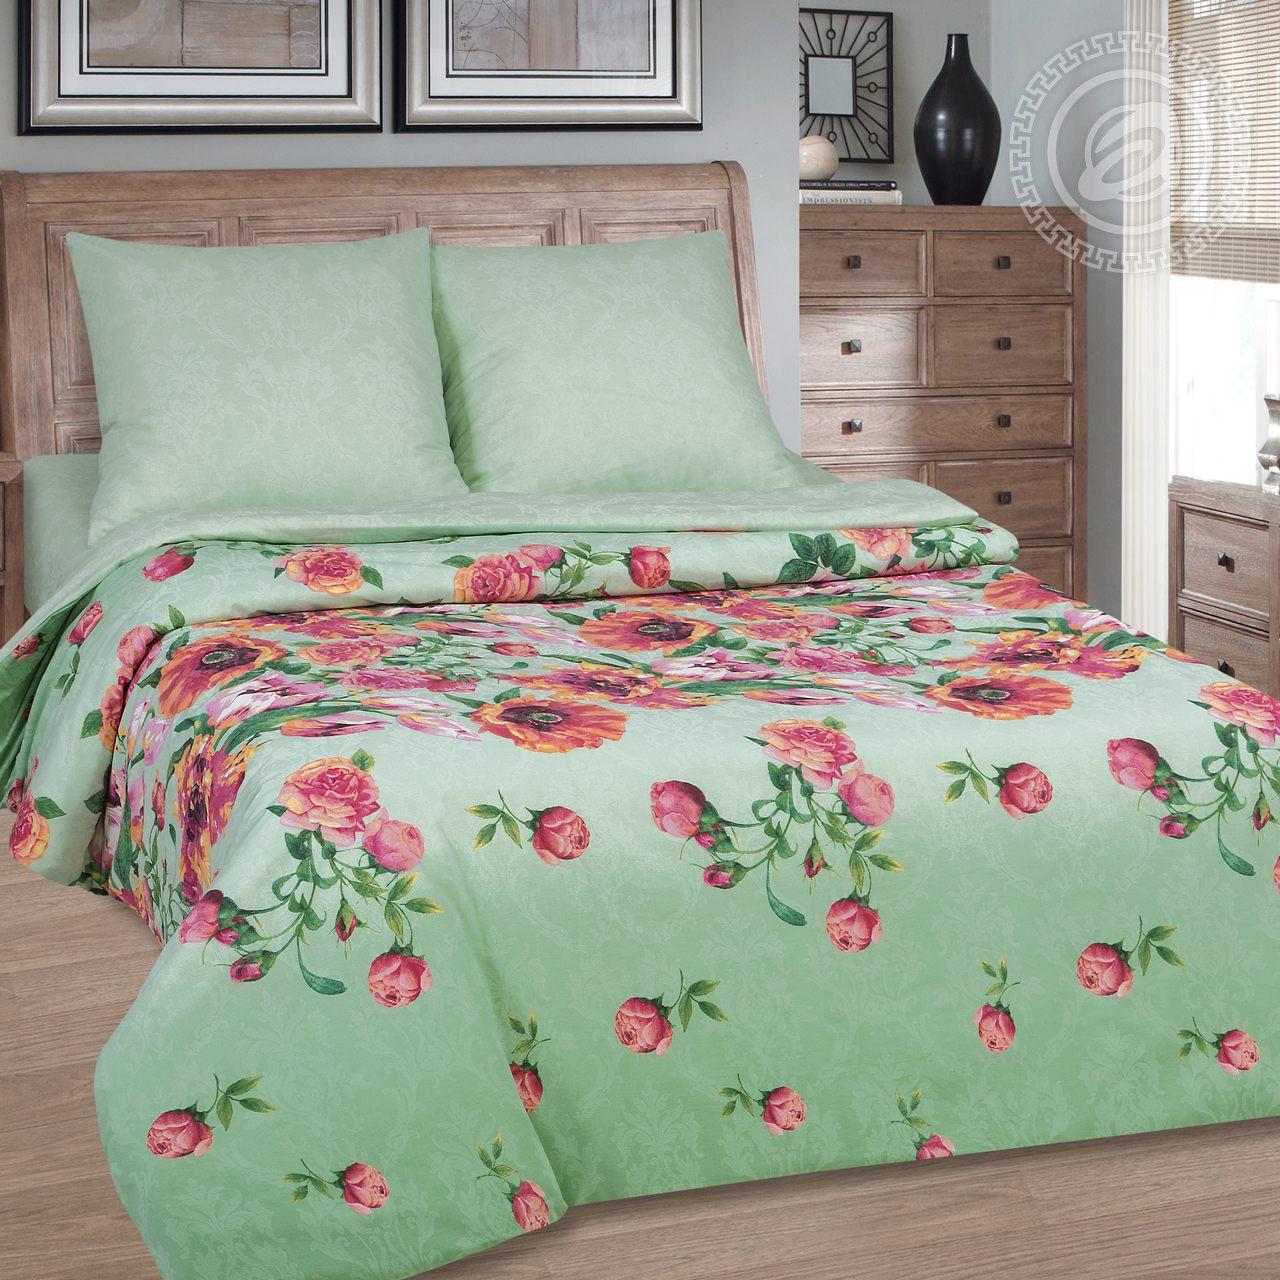 """Постельное белье """"Флорес"""" (поплин) (1,5 спальный) постельное белье экзотика 555 комплект 2 спальный поплин"""